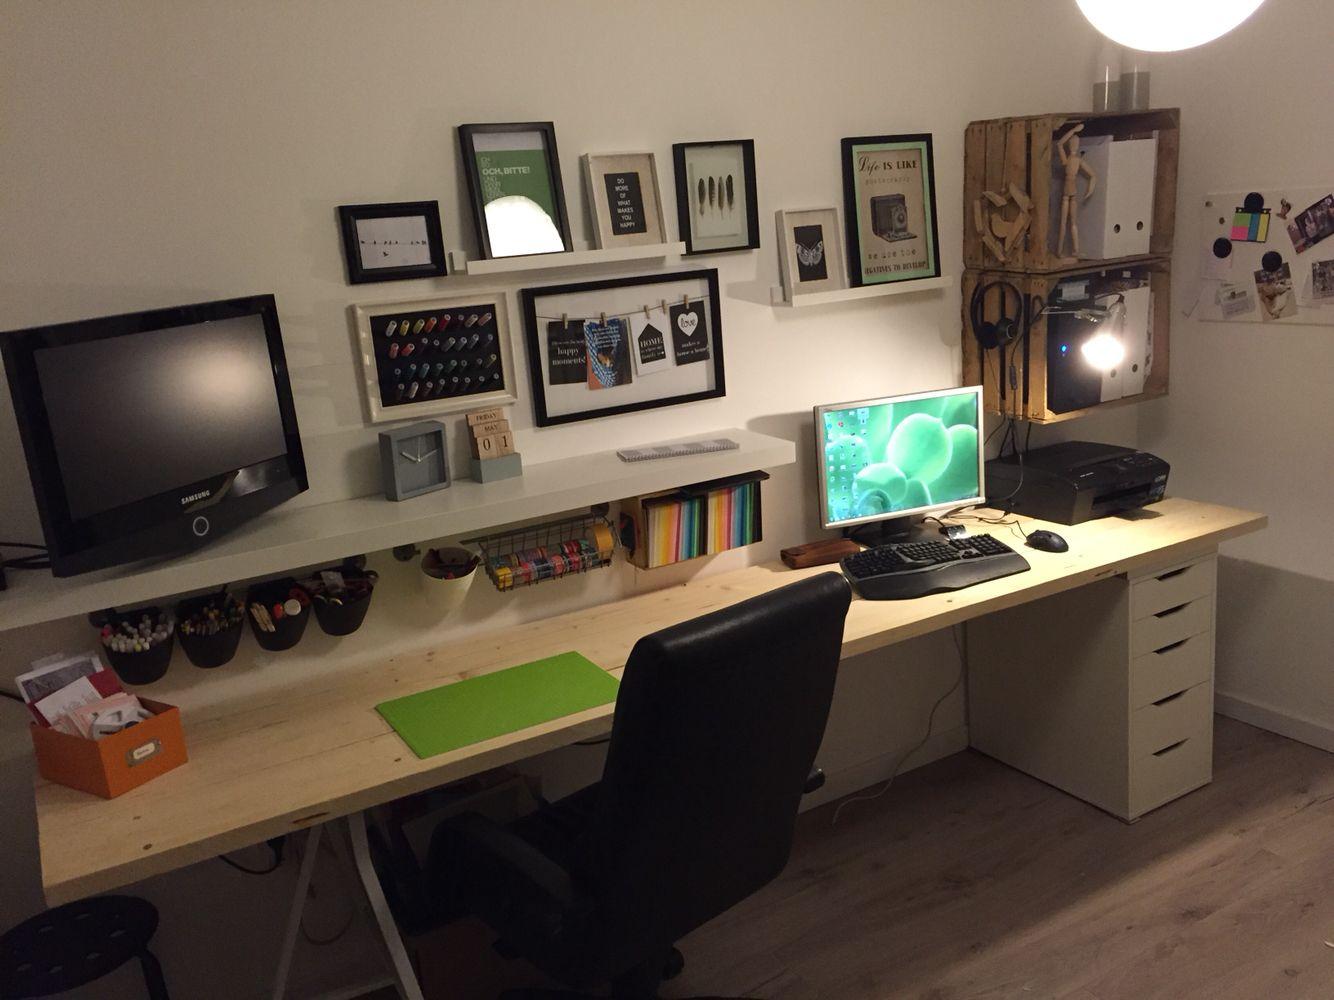 Gaming schreibtisch selber bauen  Neu gestaltetes Arbeits- und Kreativzimmer. Schreibtisch aus ...